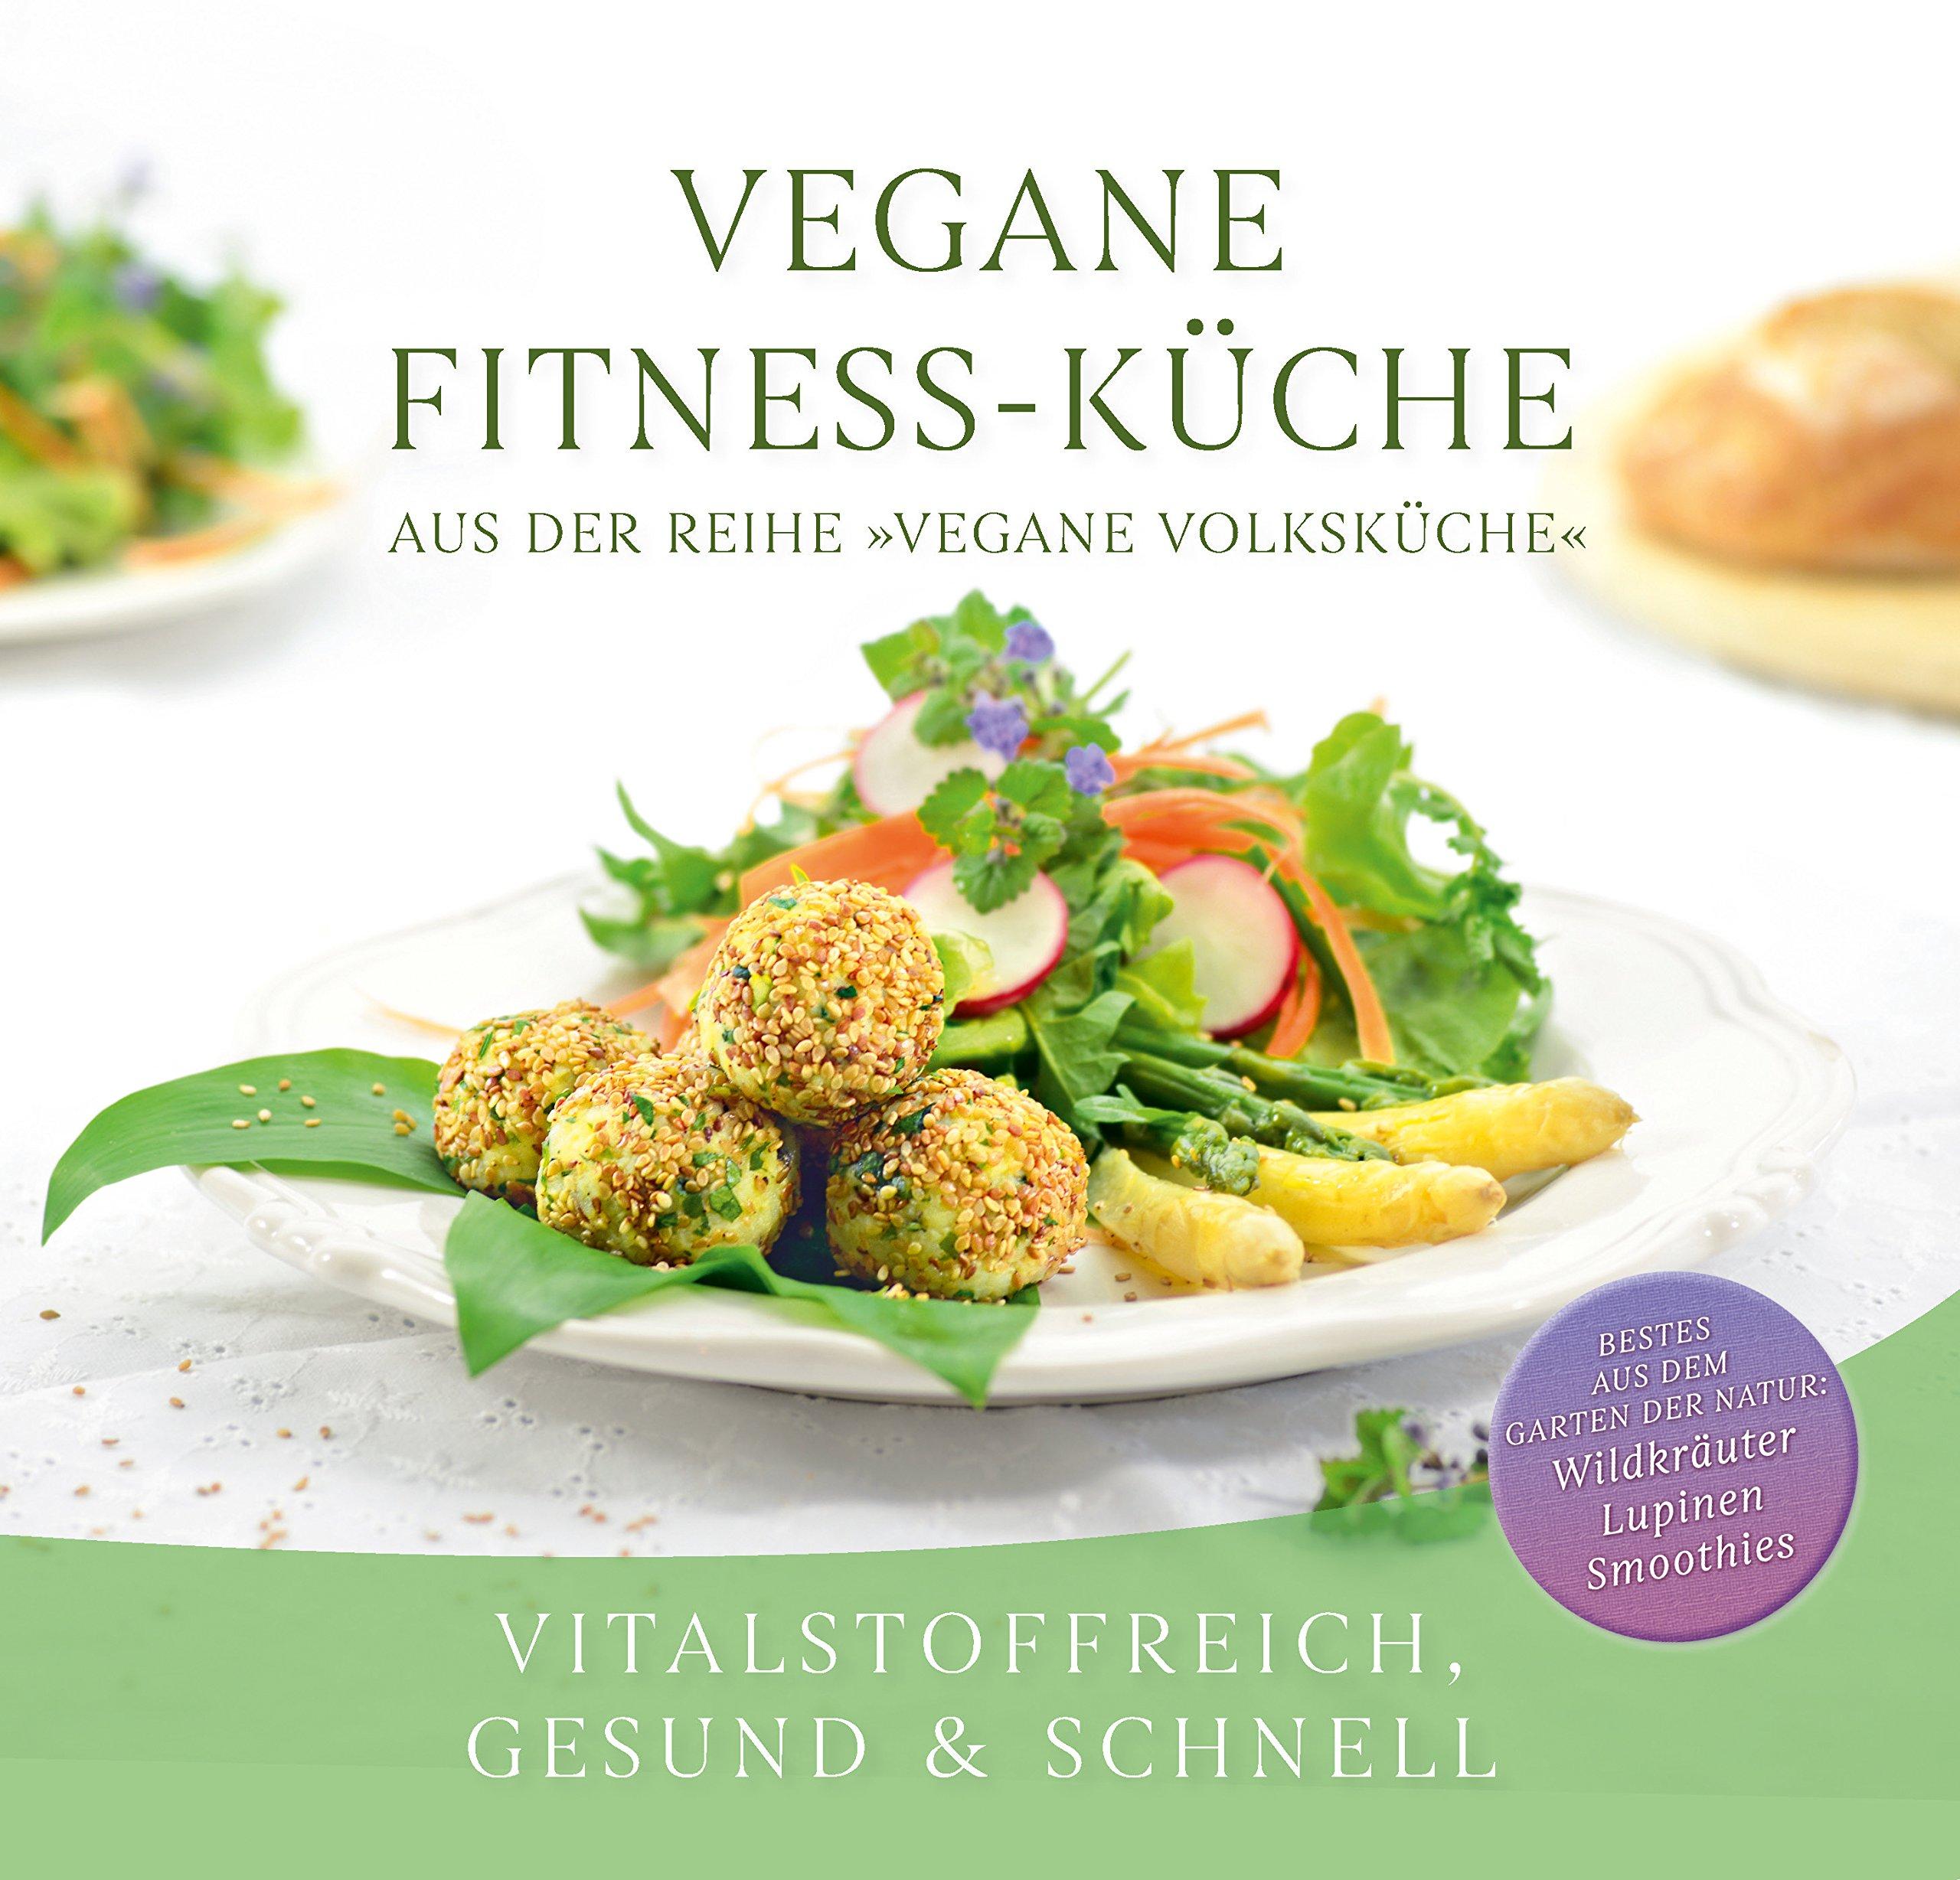 Vegane Fitness-Küche: Vitalstoffreich, gesund & schnell: Amazon.de ...